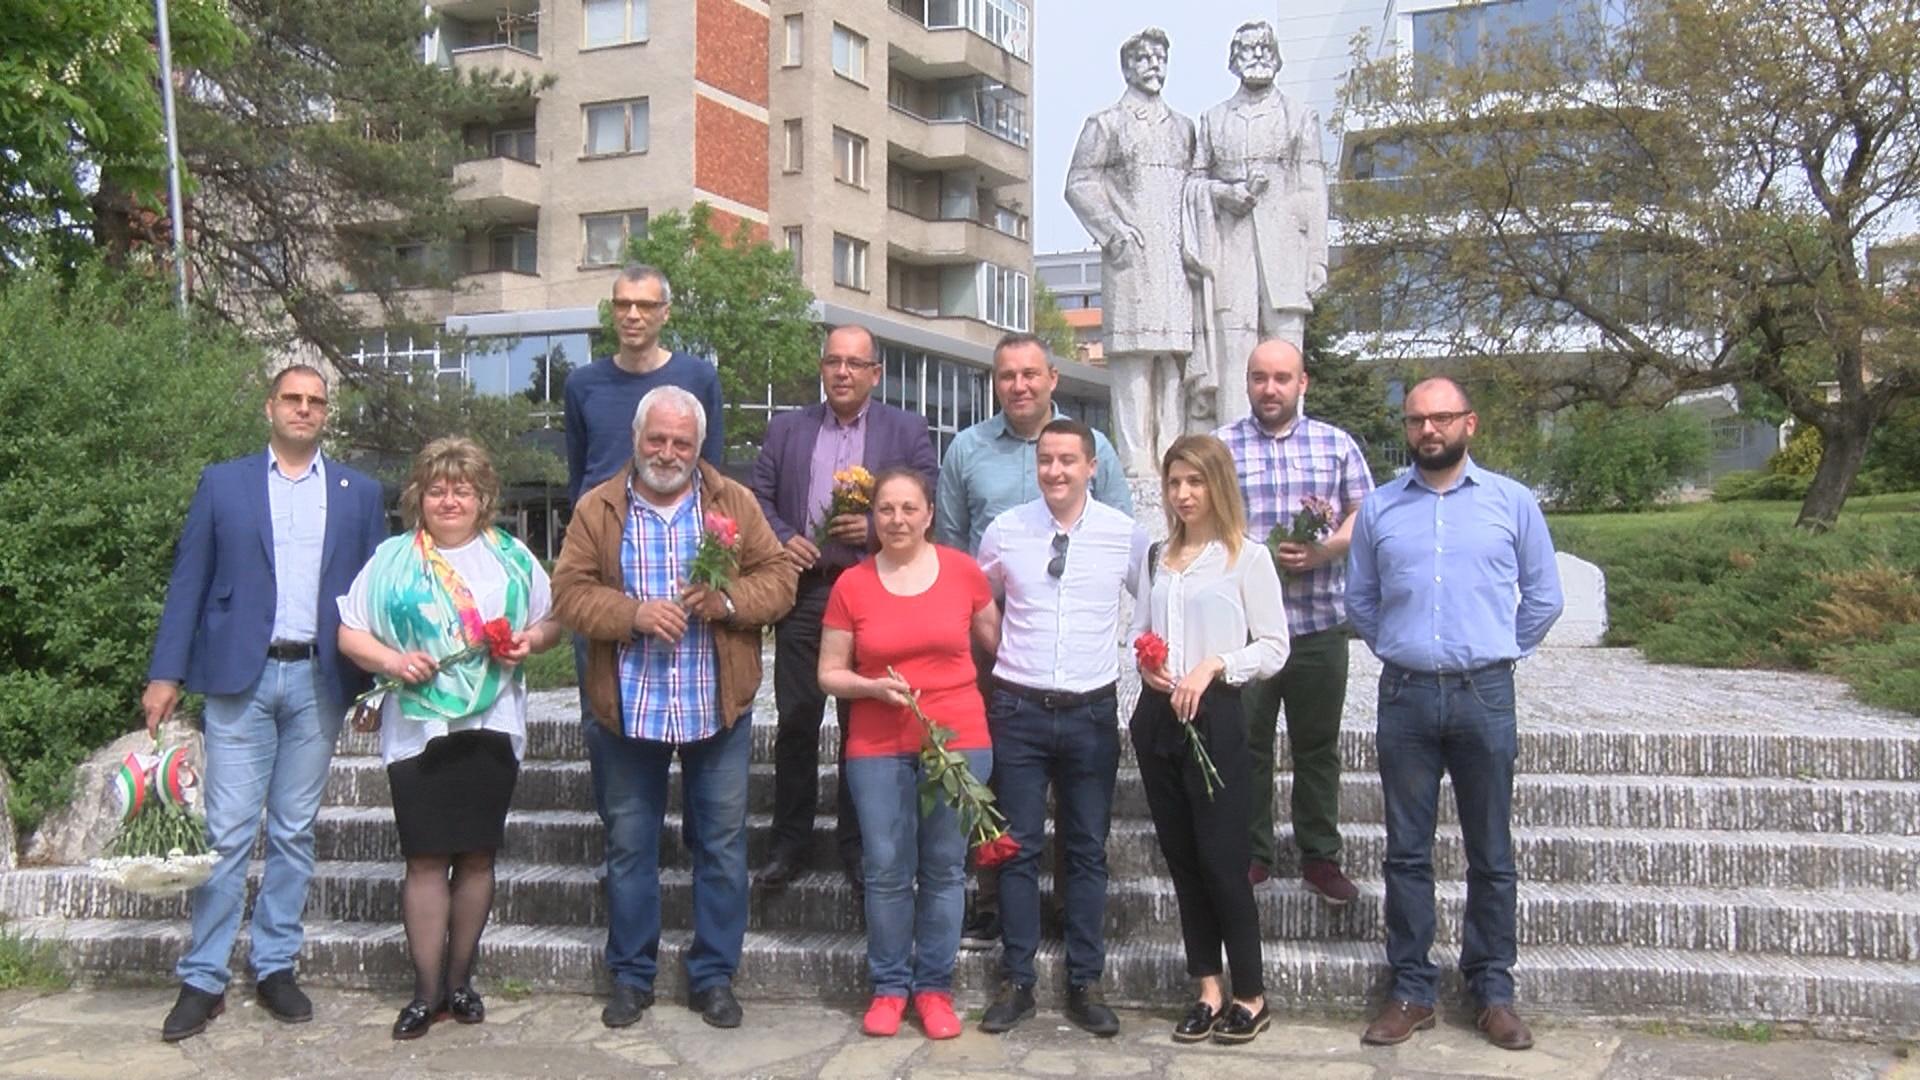 Социалистите отбелязаха 1 май с цветя на паметника на Никола Габровски и Димитър Благоев